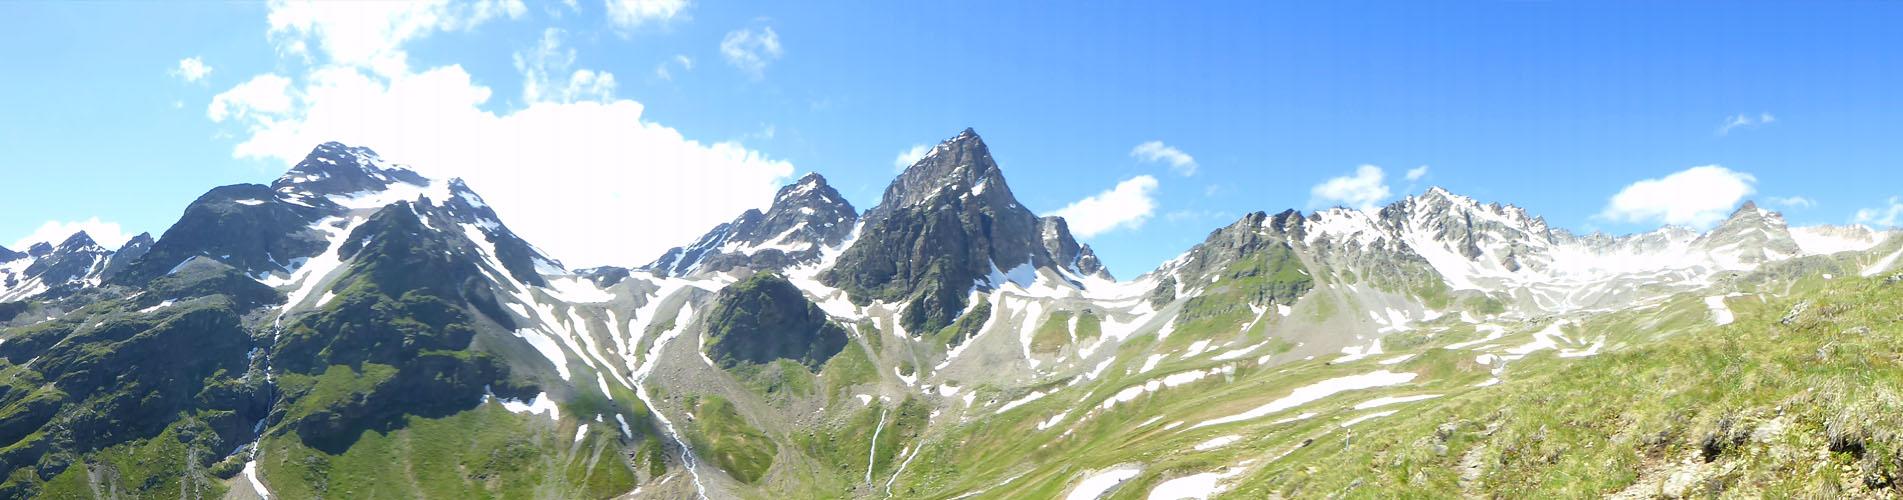 Wandern im Unterengadin: Scuol, Motta Naluns, Tarasp, Guarda, Lavin, Ardez, Val Sinestra, Val d'Uina, Val S-charl, Macun Seen uvm. Auf zu den schönsten Wanderungen!